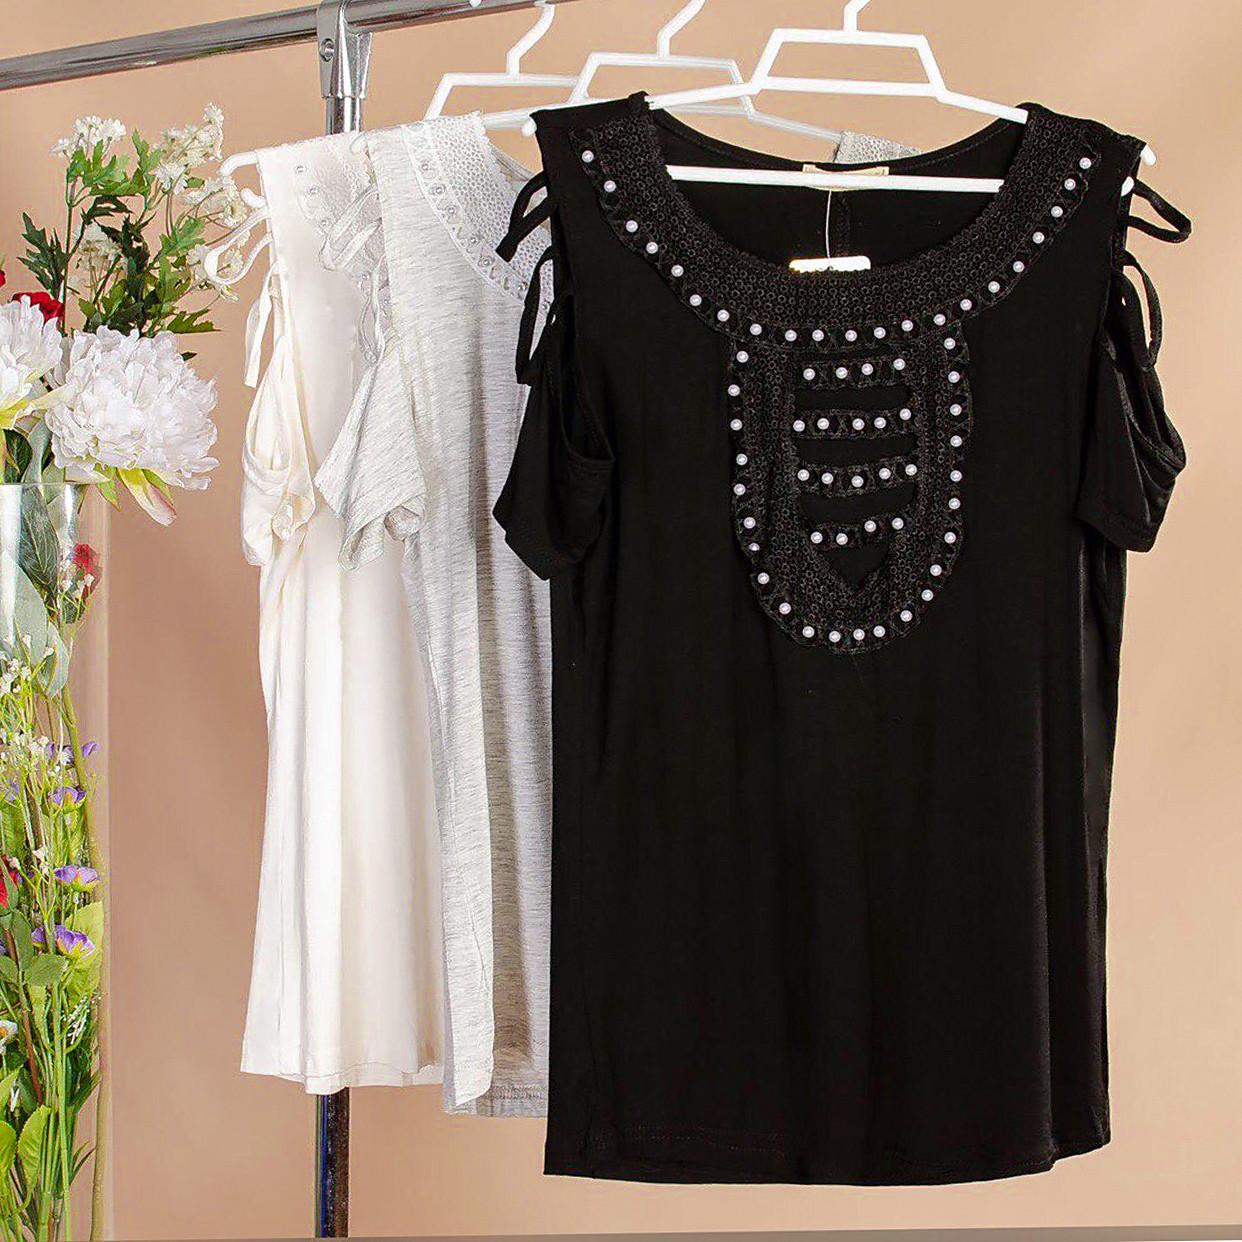 Оригинальная женская блузка с бусинками 42-44 ( в расцветках)